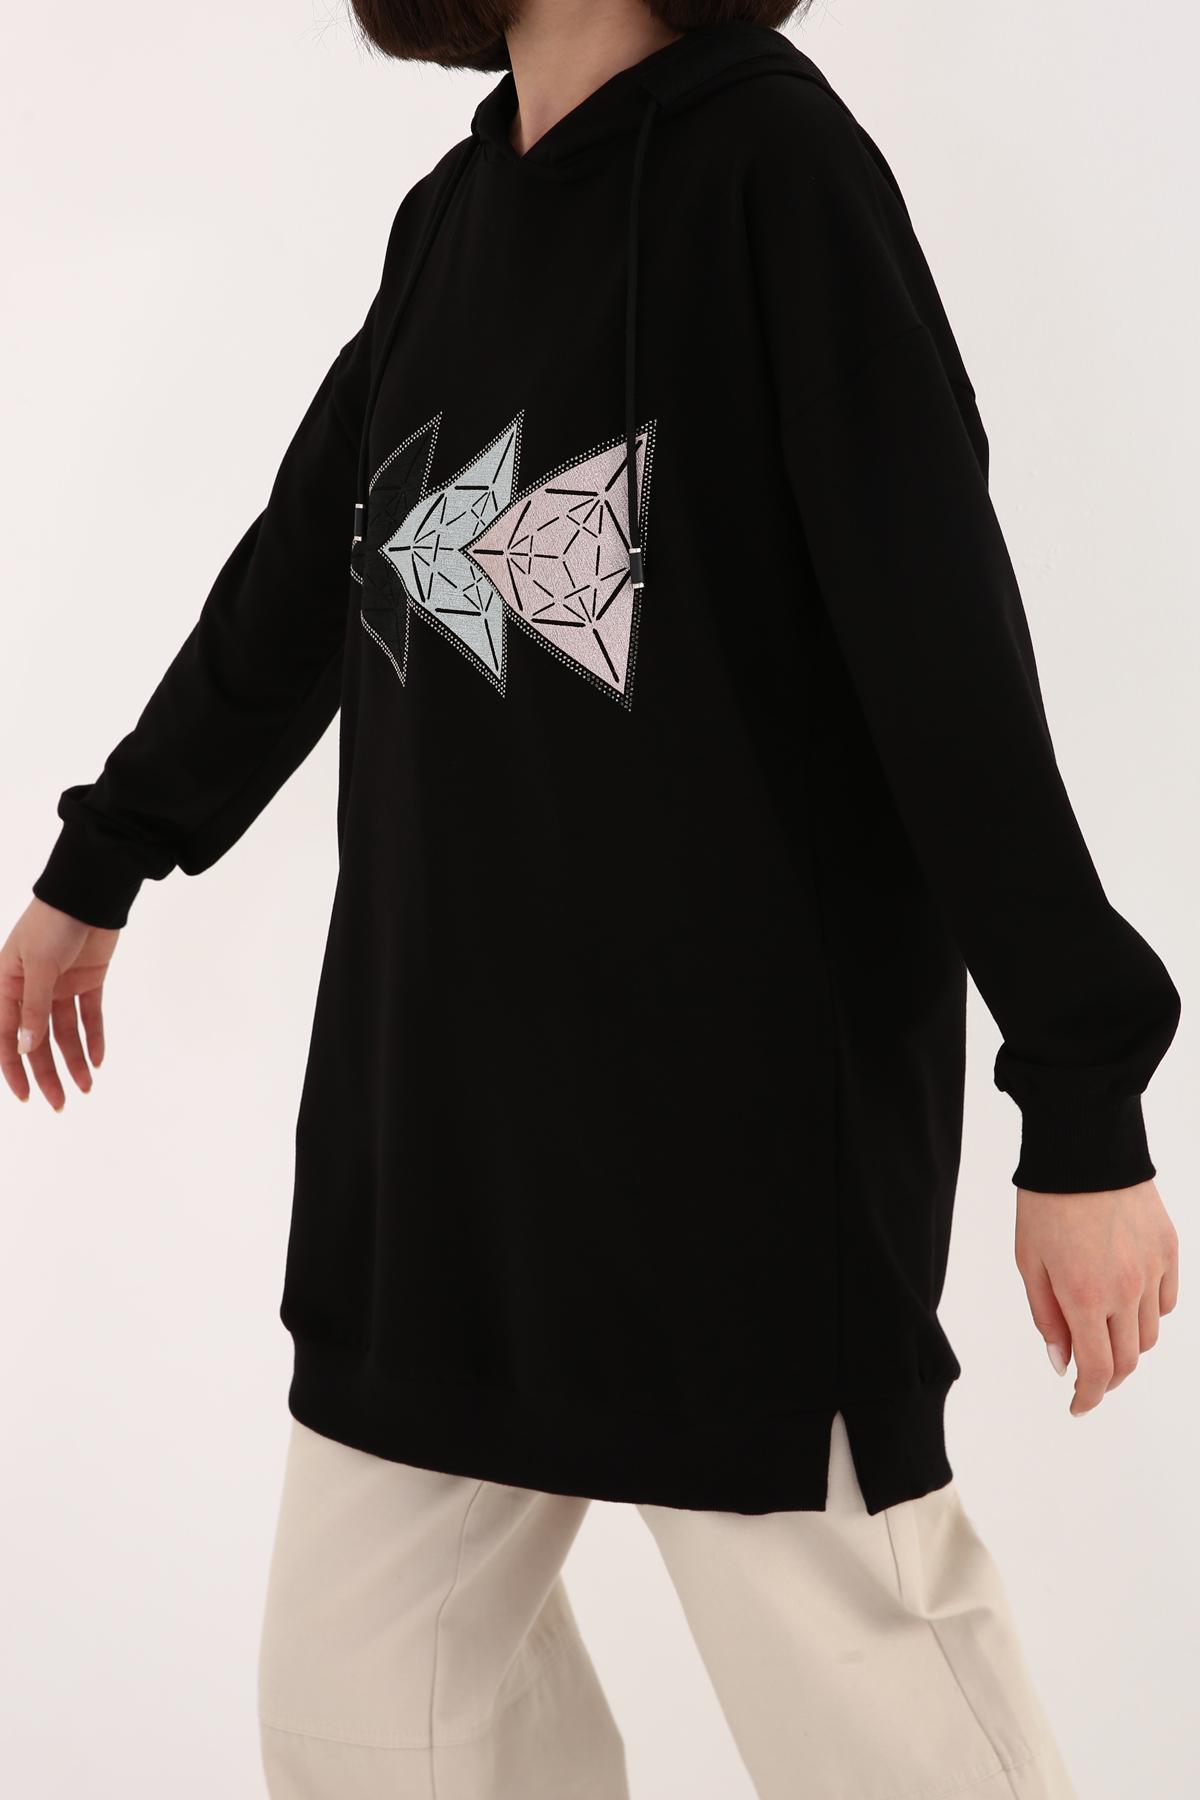 Printed Hooded Sweatshirt Tunic